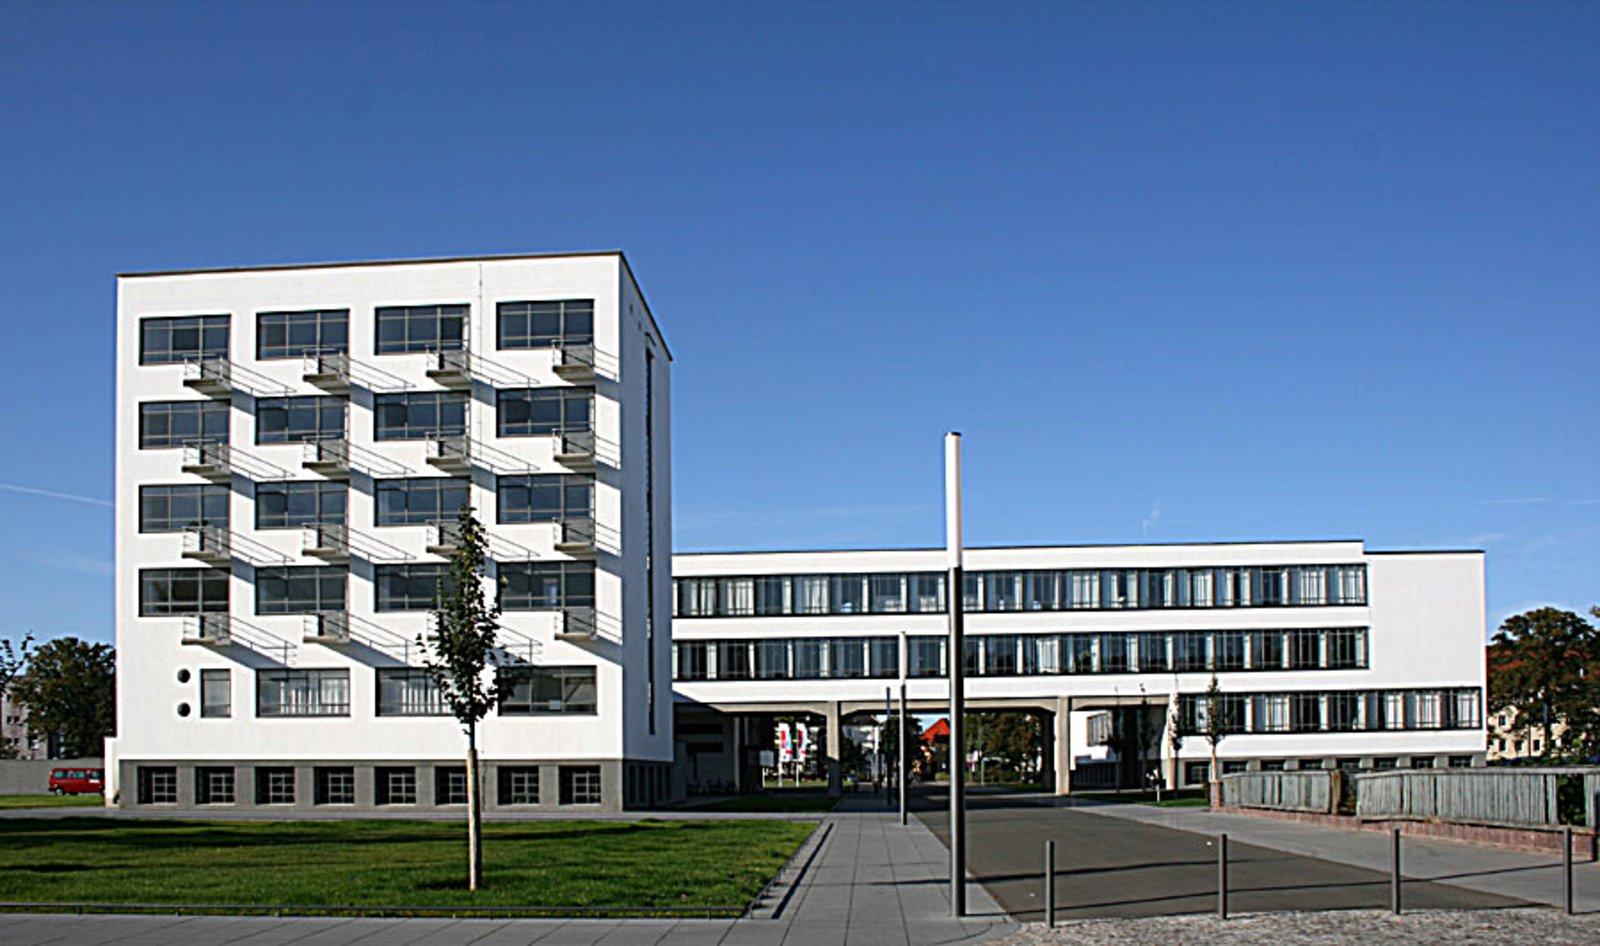 Bauhaus Dessau Baumarkt